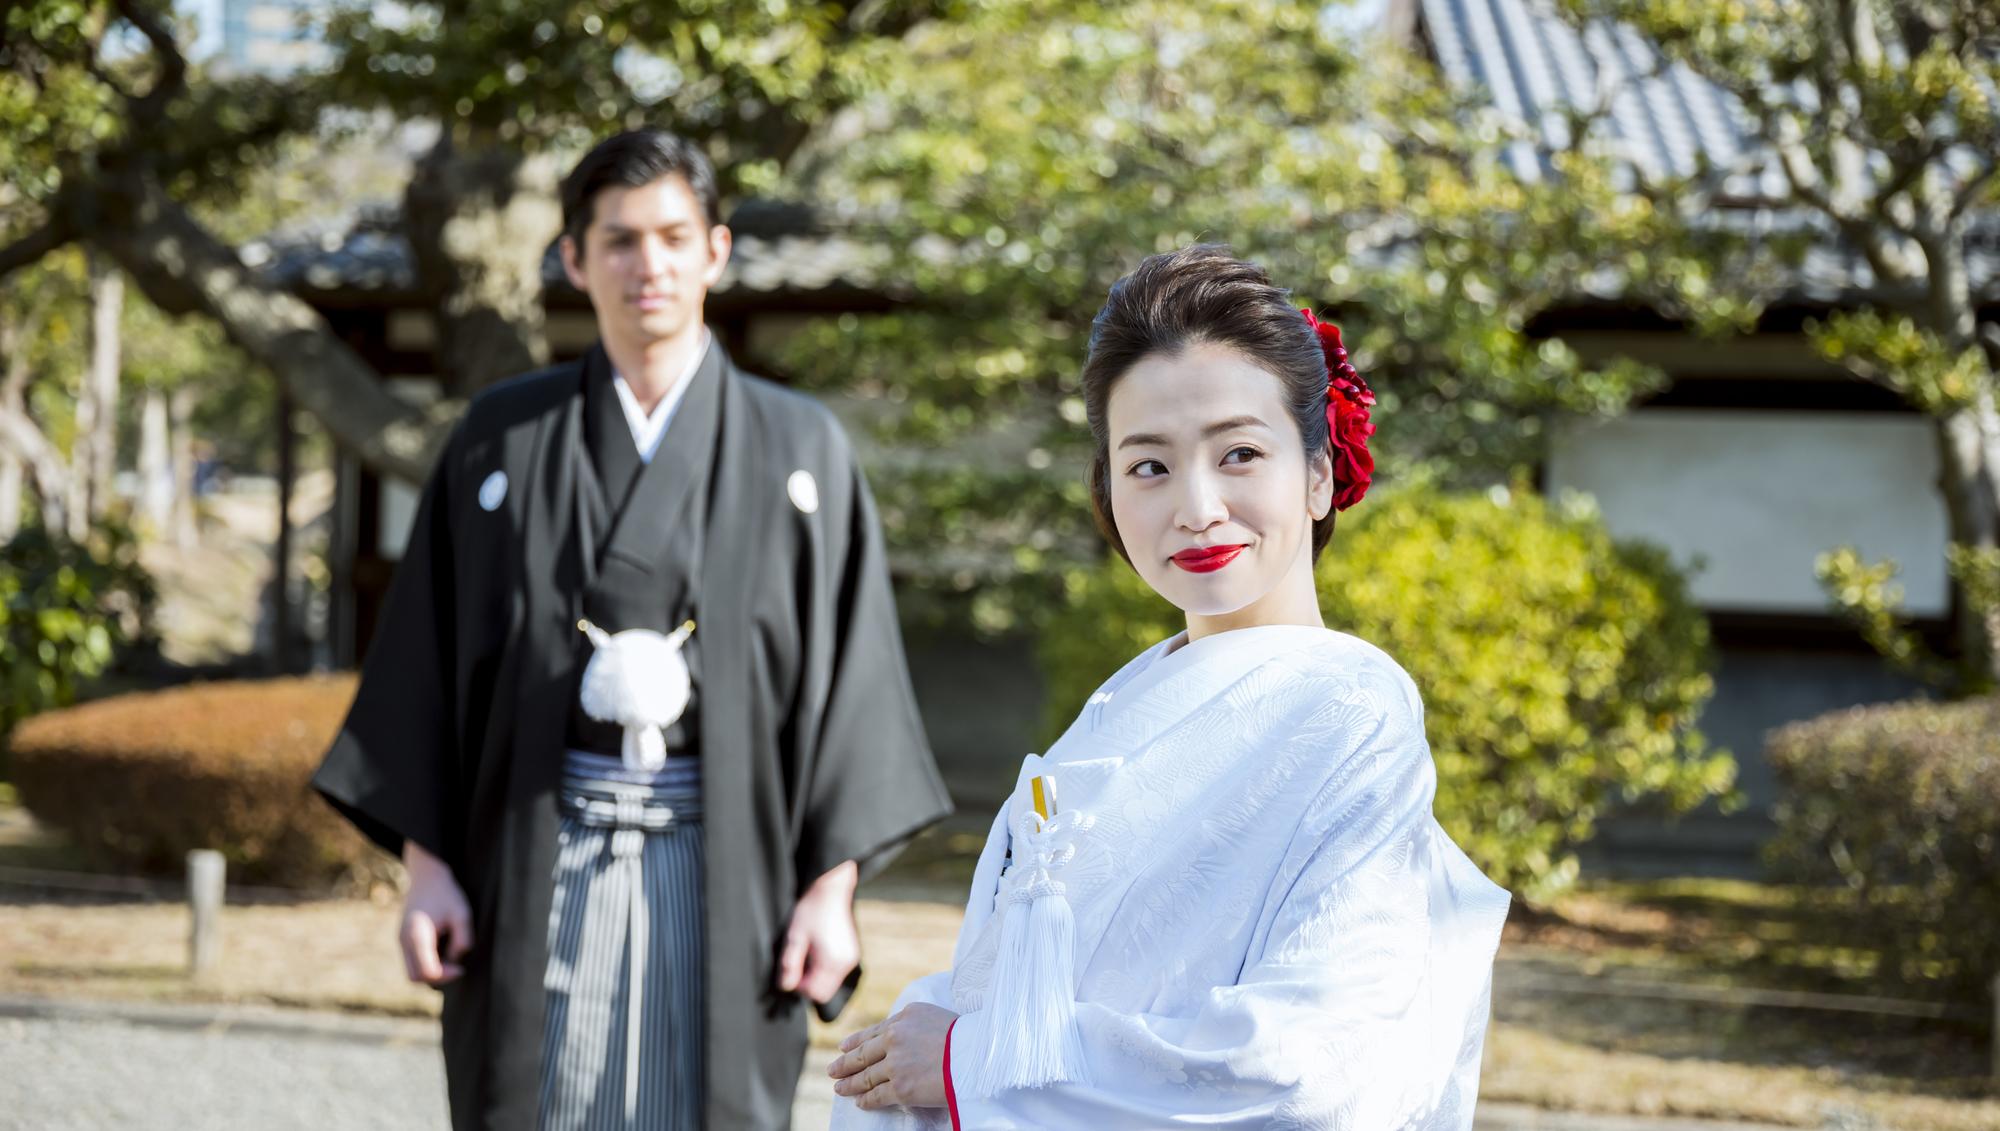 神社での結婚式はどこがおすすめ?東京の神社ベスト10をまとめてみた | 運気が上がる神社やその参拝方法等を紹介!